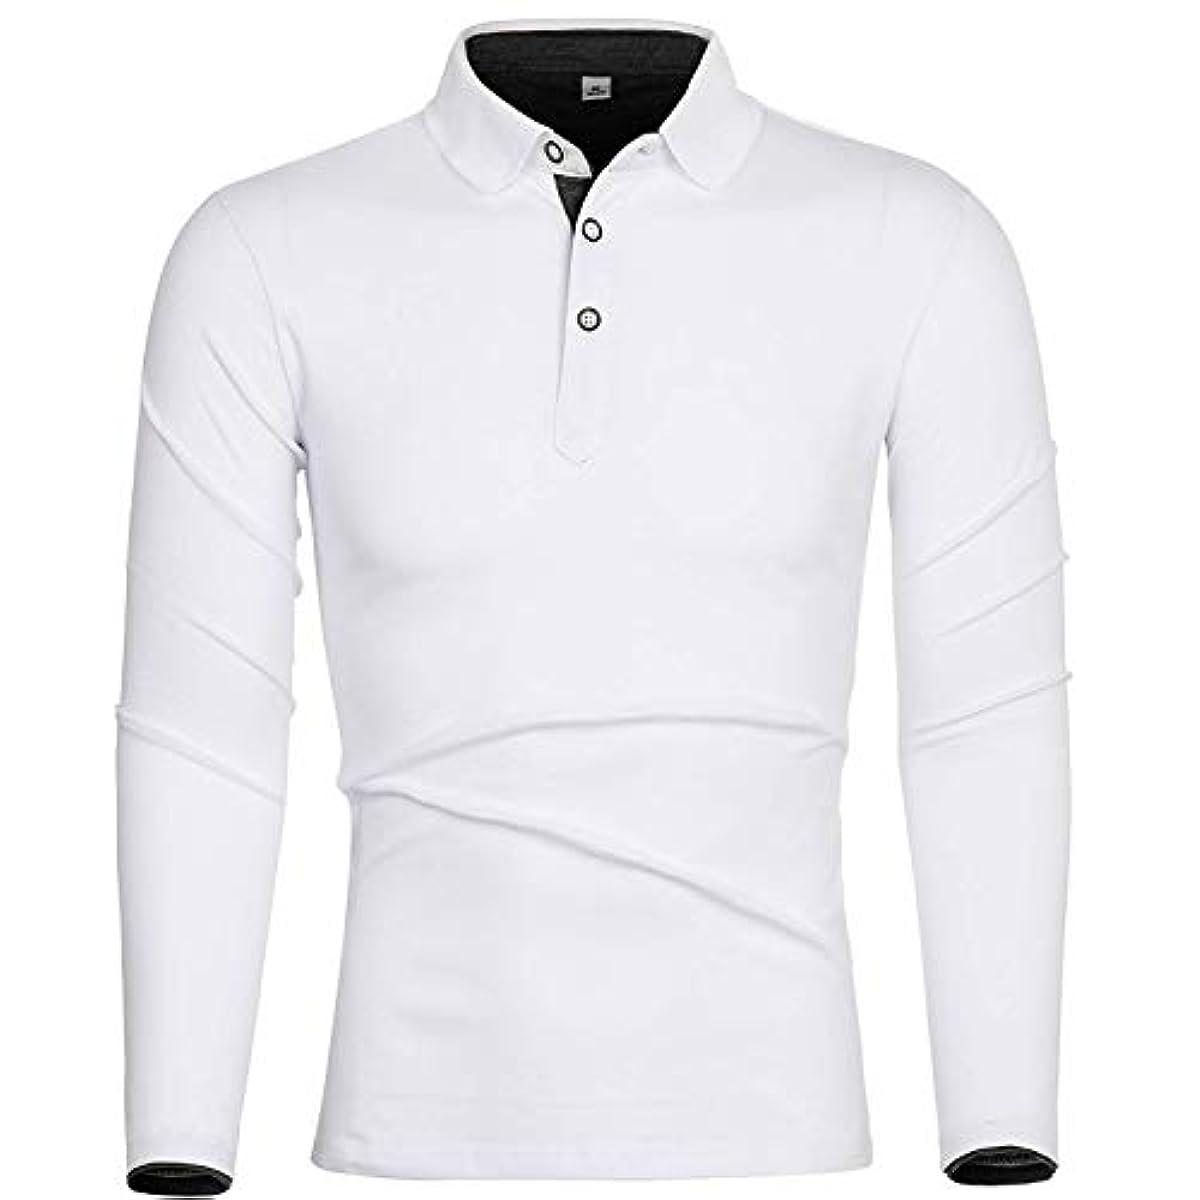 [해외] 폴로 셔츠 긴 소매 골프 웨어 맨즈 면 탑 POLO셔츠 스티치구 비지니스 스포츠 춘추